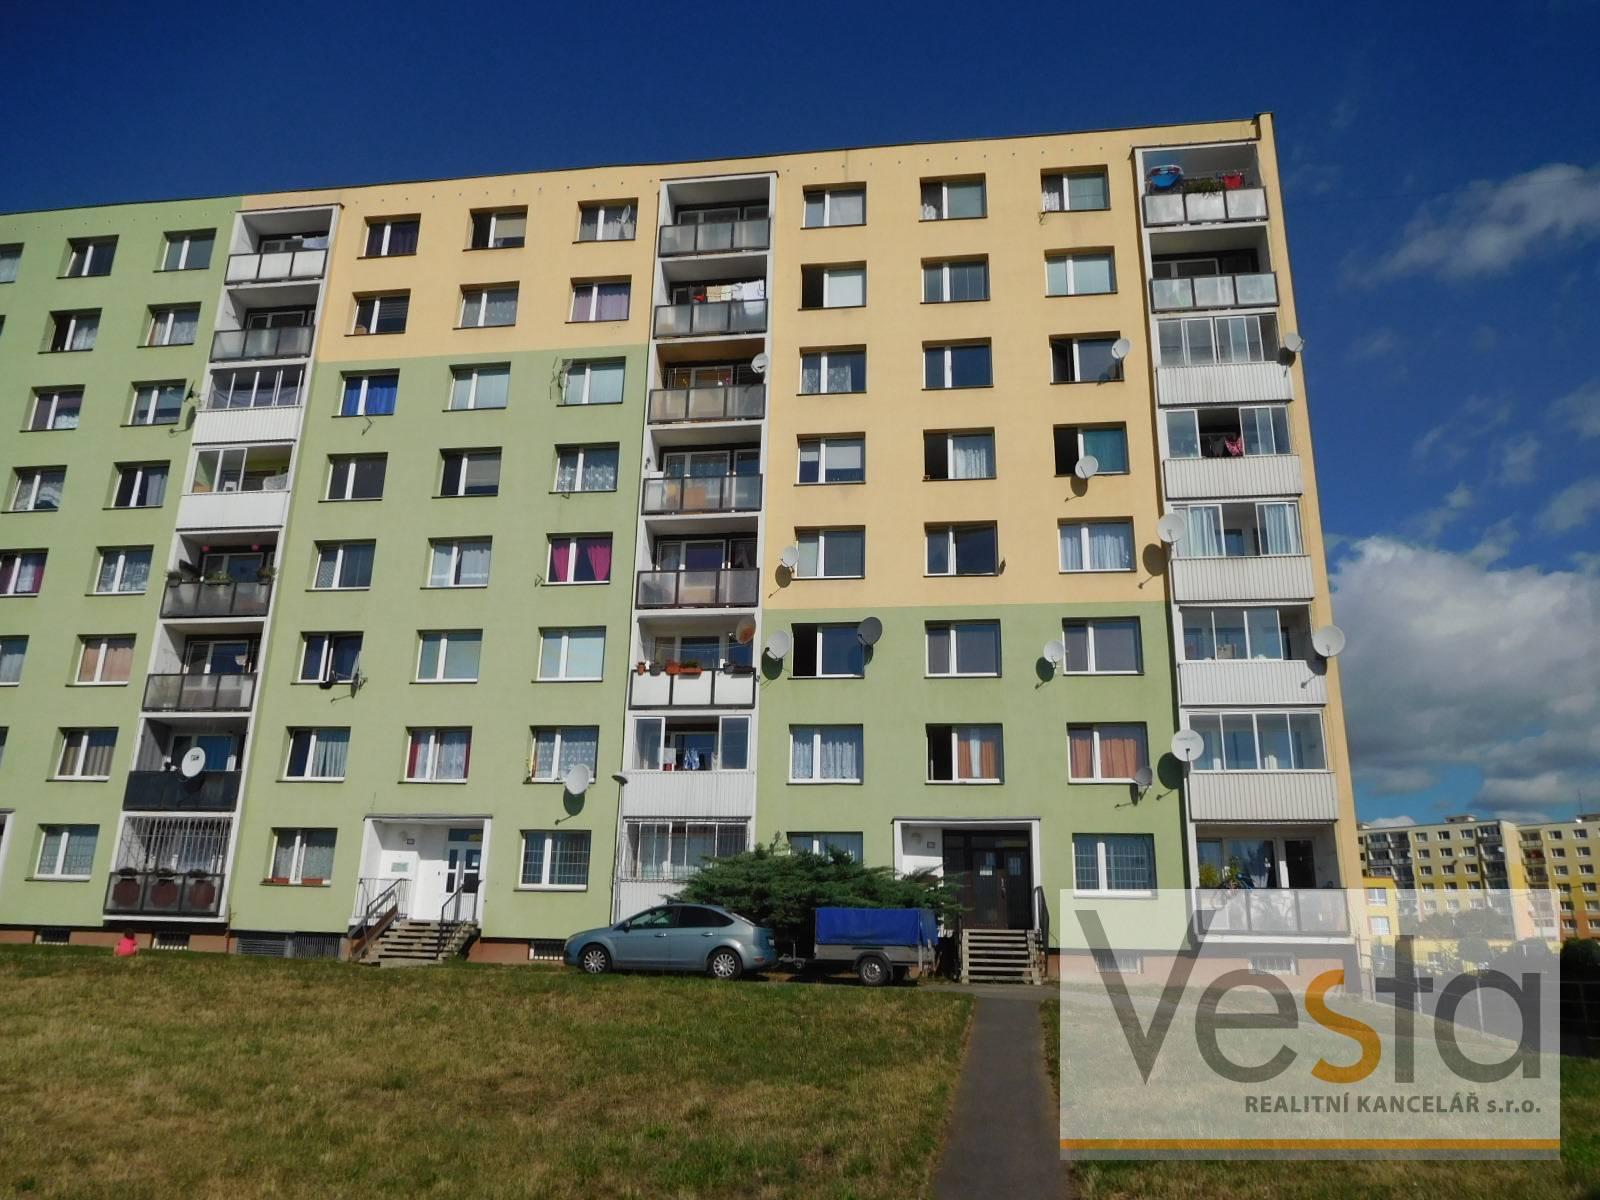 Dražba spoluvlastnického podílu na bytové jednotce 3+1